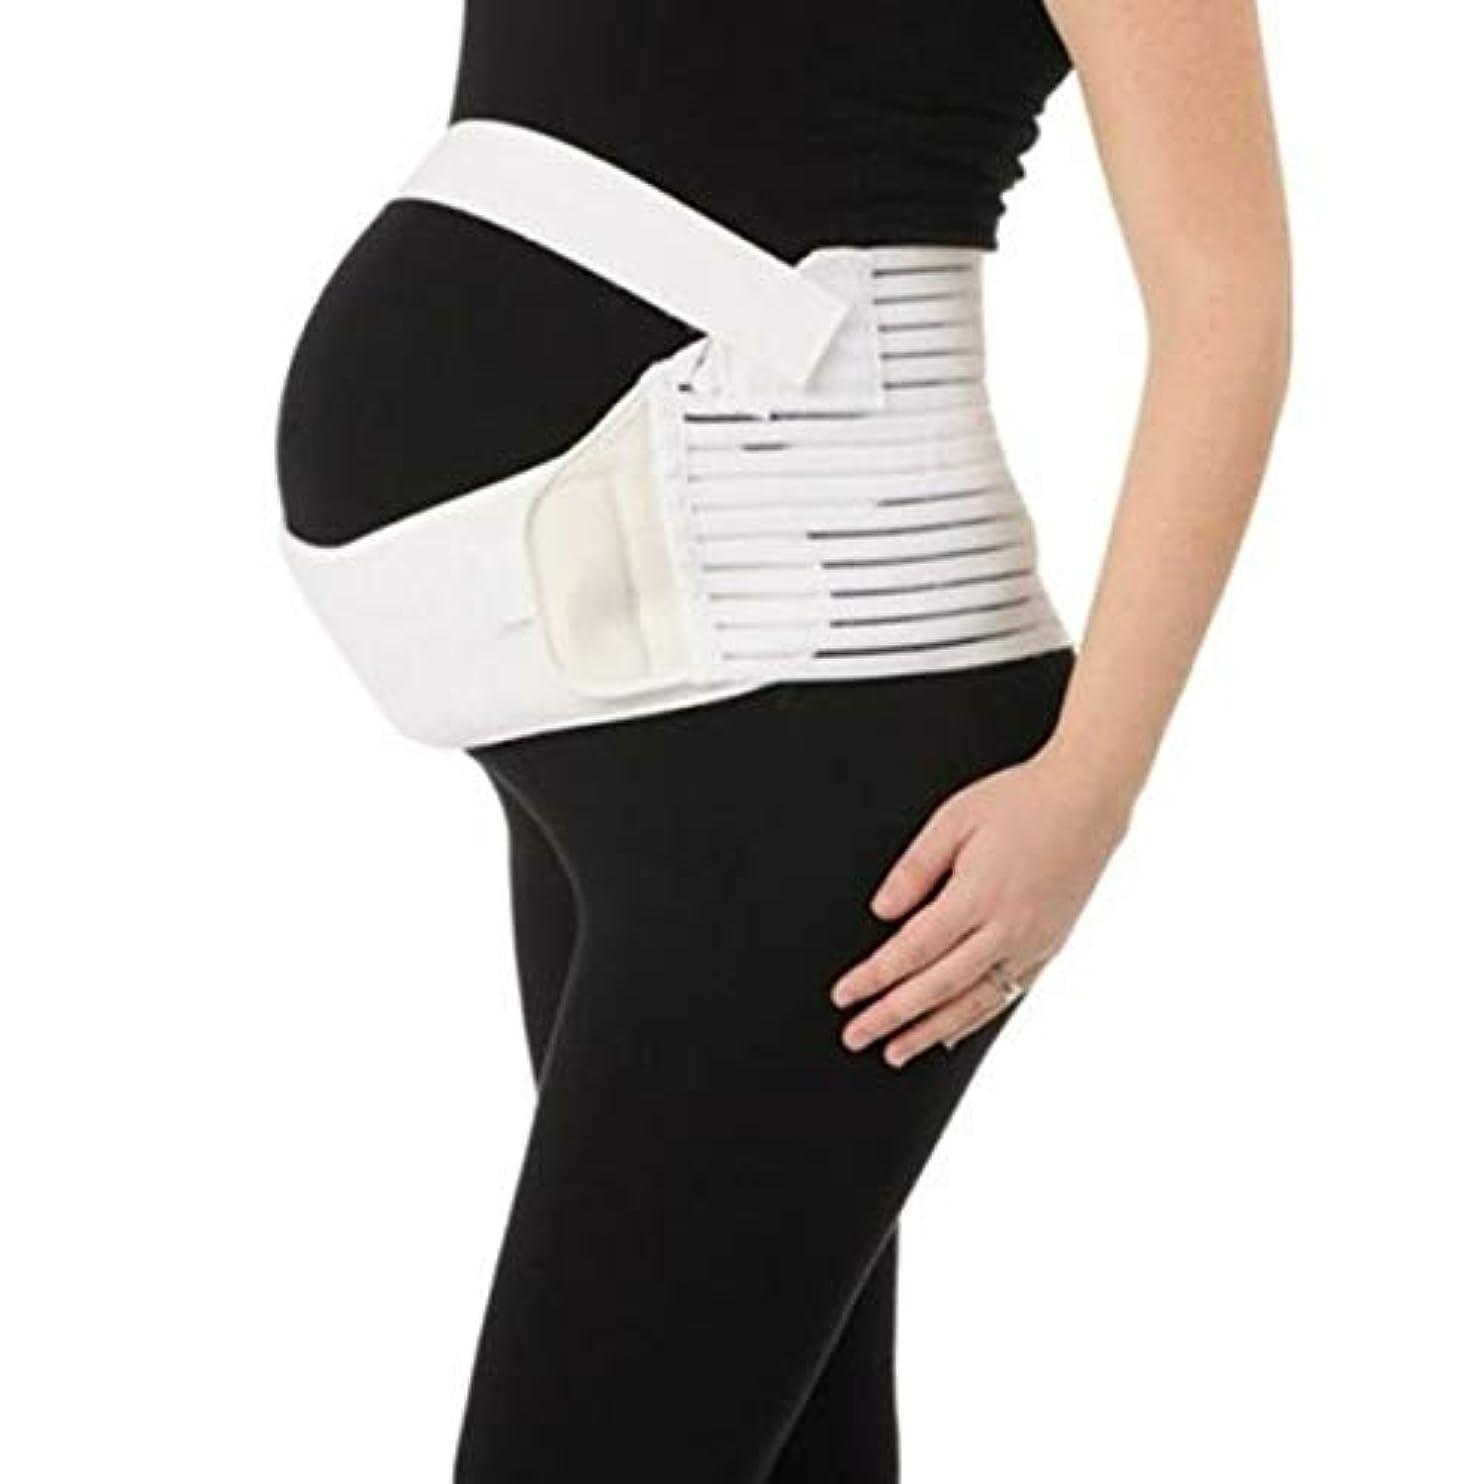 交響曲キャンバスオデュッセウス通気性マタニティベルト妊娠腹部サポート腹部バインダーガードル運動包帯産後回復形状ウェア - ホワイトXL